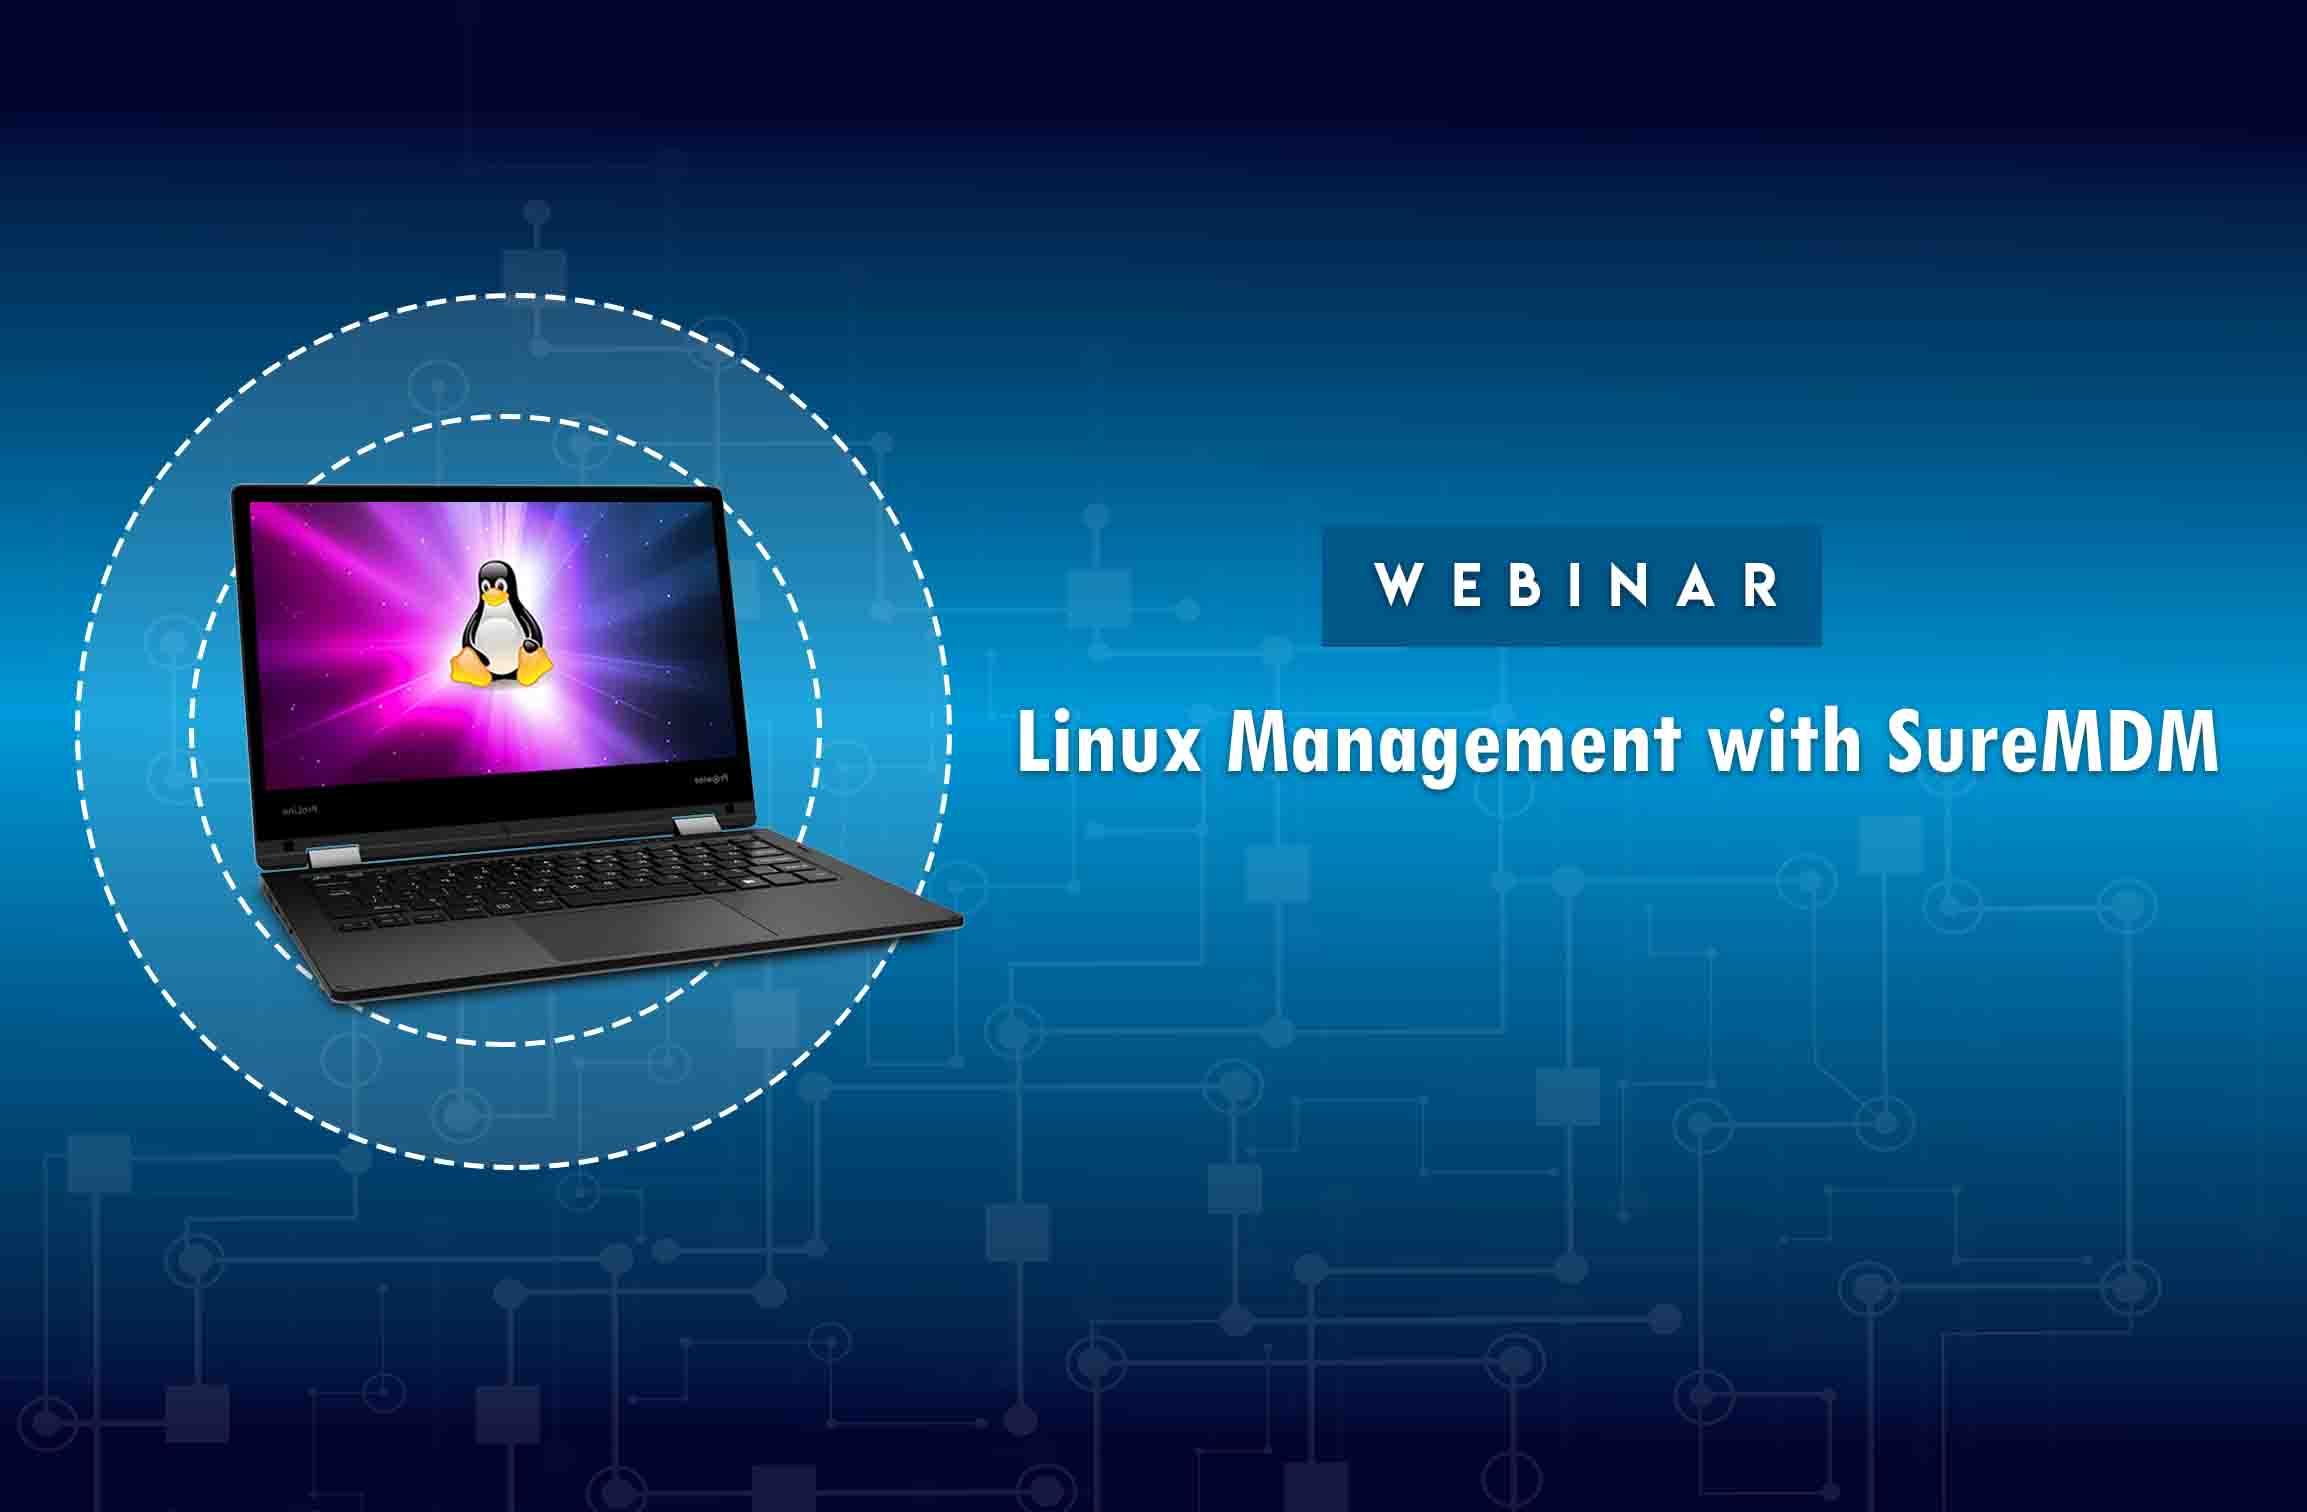 Linux Management with SureMDM